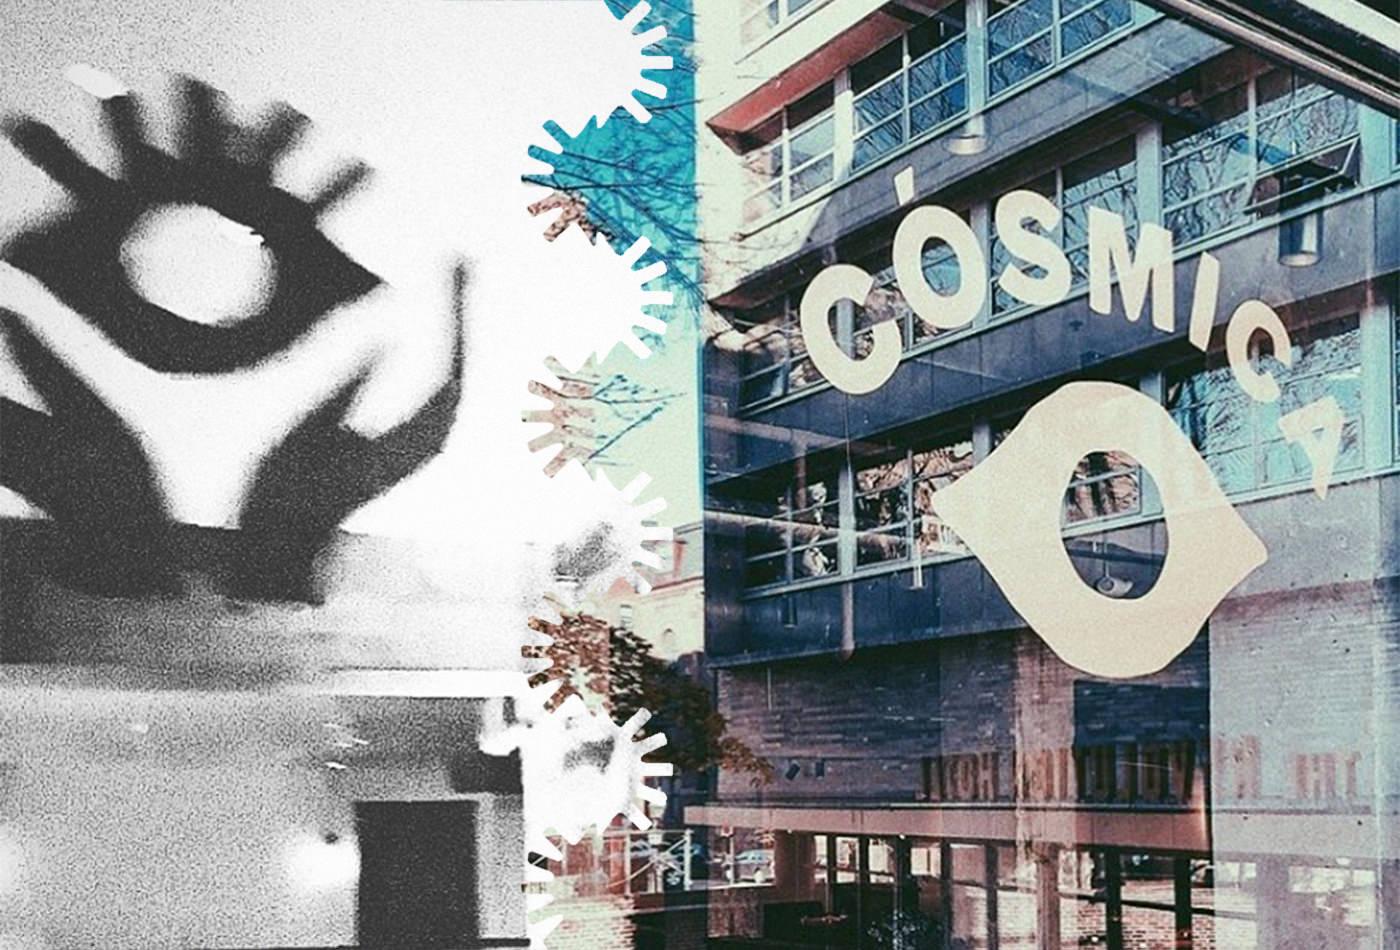 cosmica-cosmicaboston-boston-thebeehive-jackbardy-vacaliebres-branding-mexican-mexico-taco-tacos-cla-mex-logo-branding-identityeyebeams